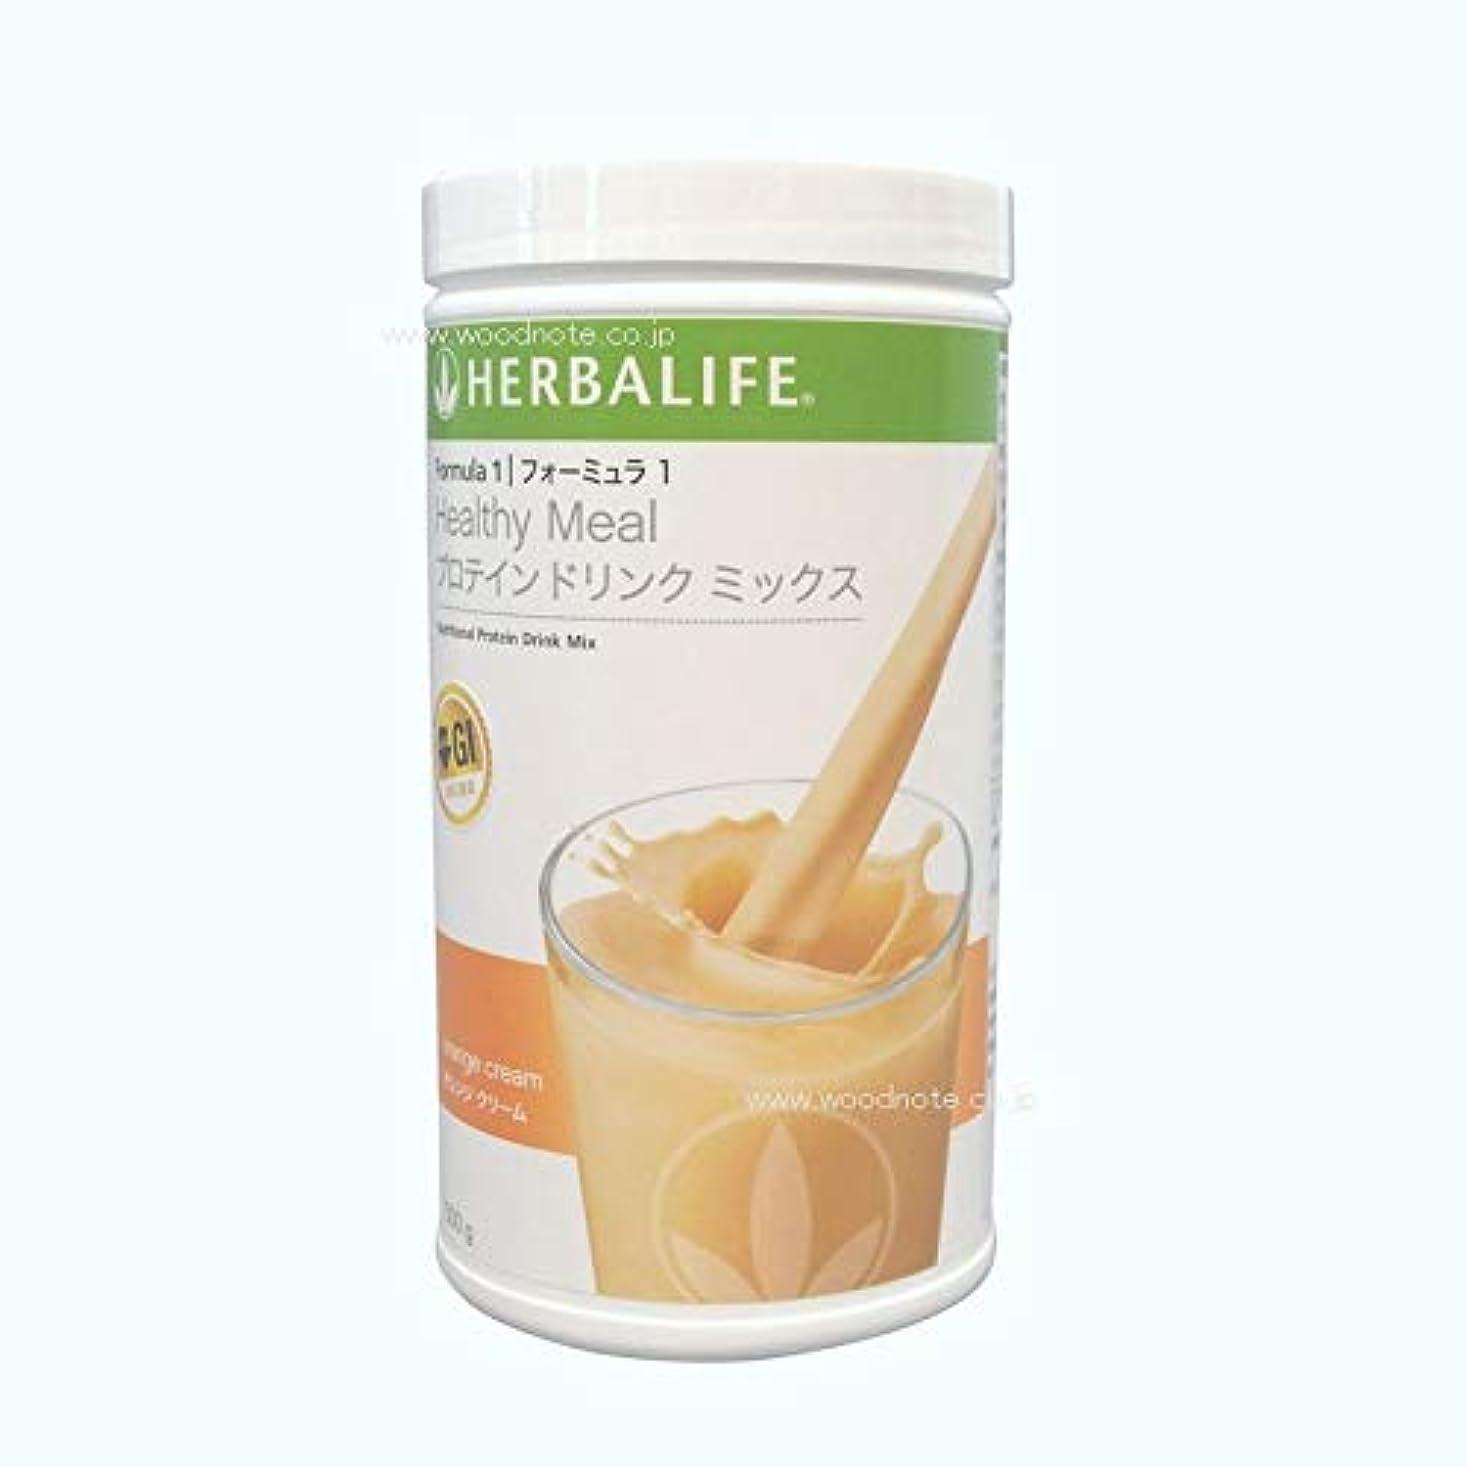 オフドレイン意味のあるハーバライフ HERBALIFE フォーミュラ1プロテインドリンクミックス オレンジクリーム味